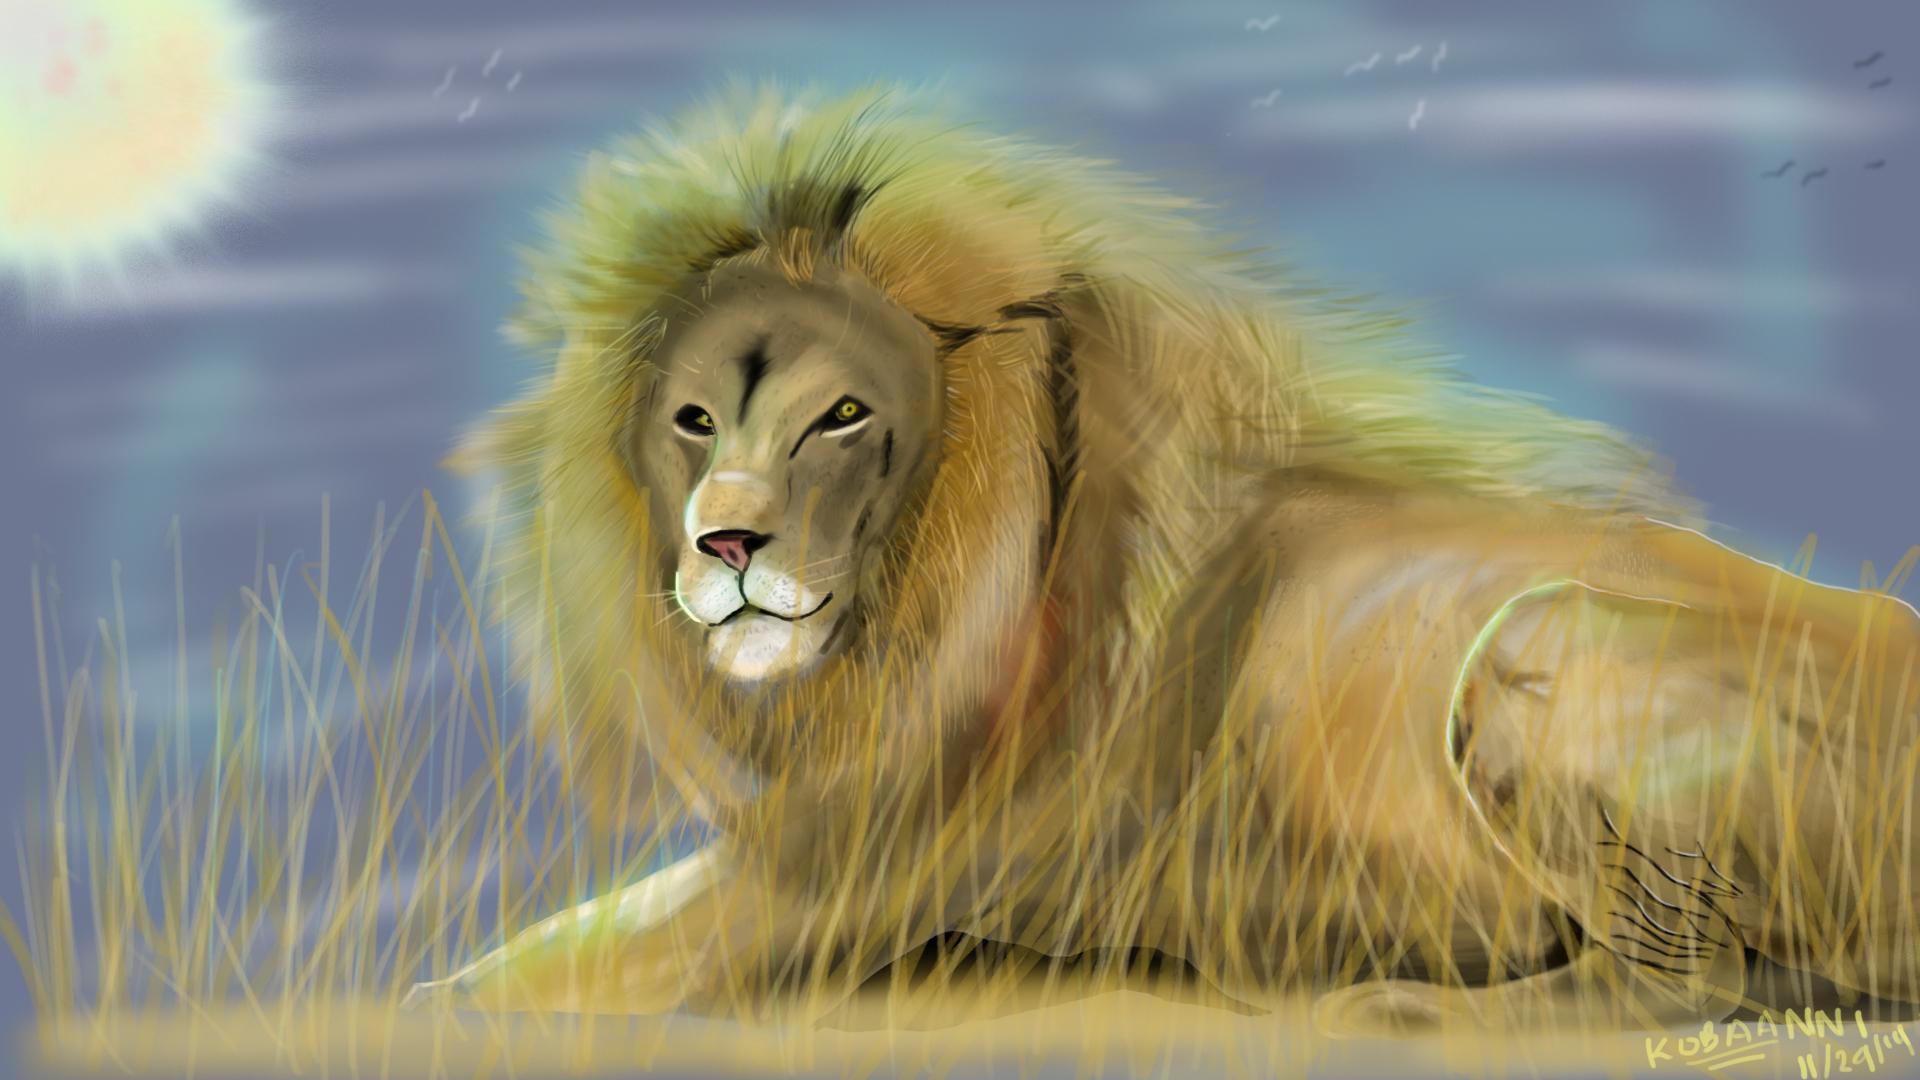 A KINGS GLORY